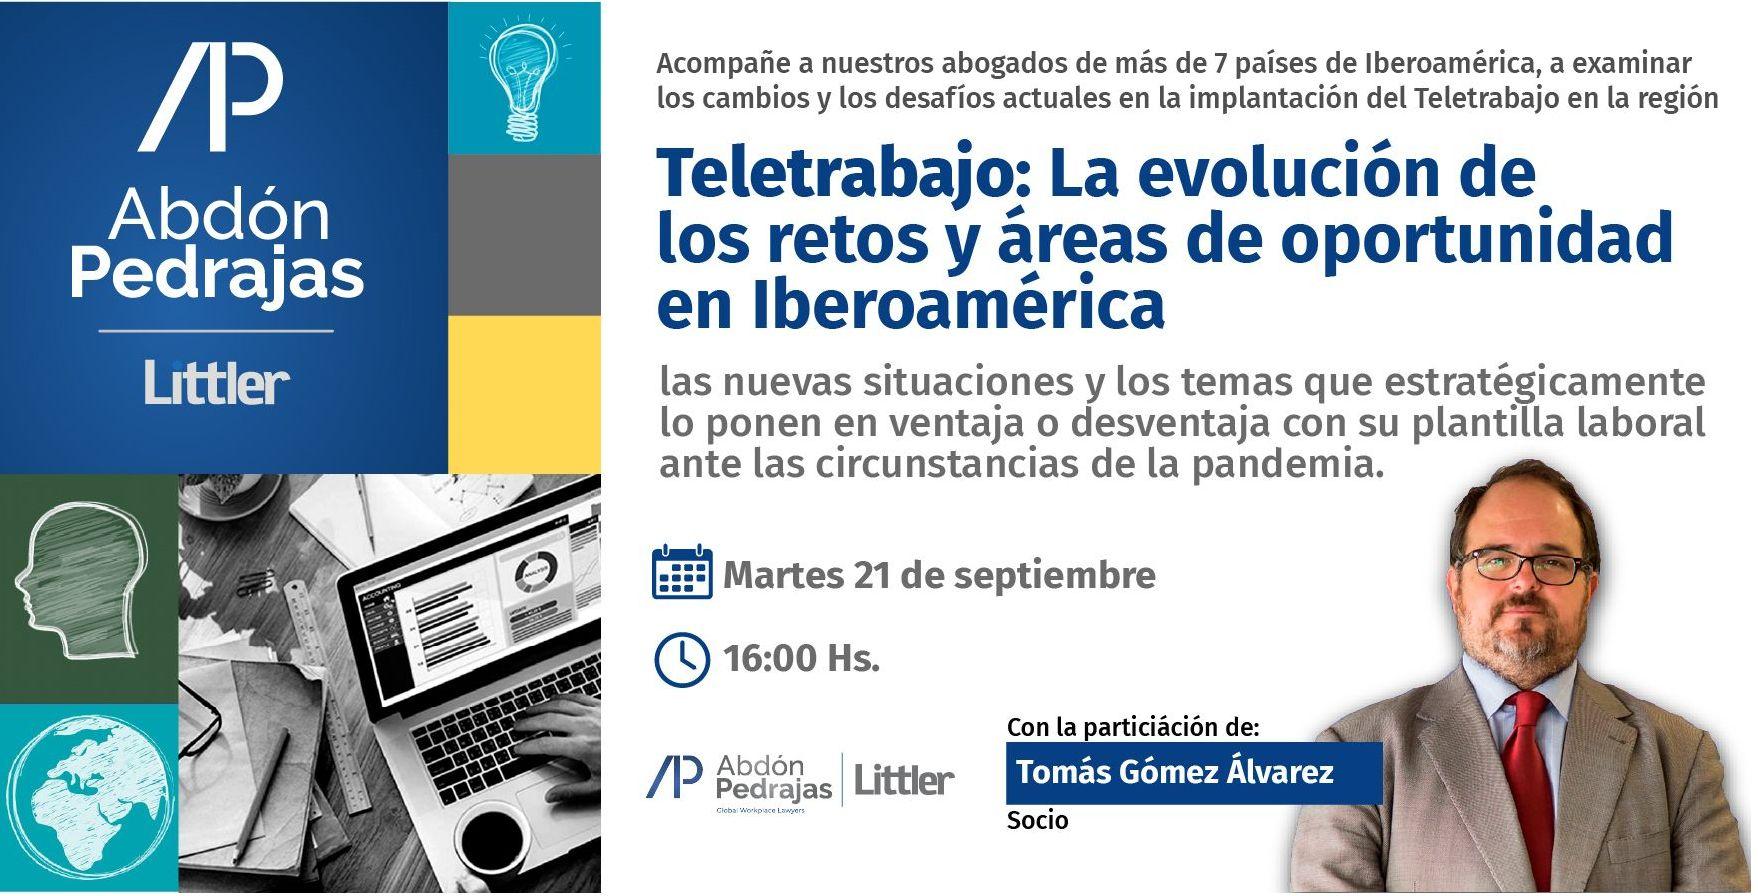 WEBINAR -  Teletrabajo: La evolución de los retos y áreas de oportunidad en el Teletrabajo en Iberoamérica